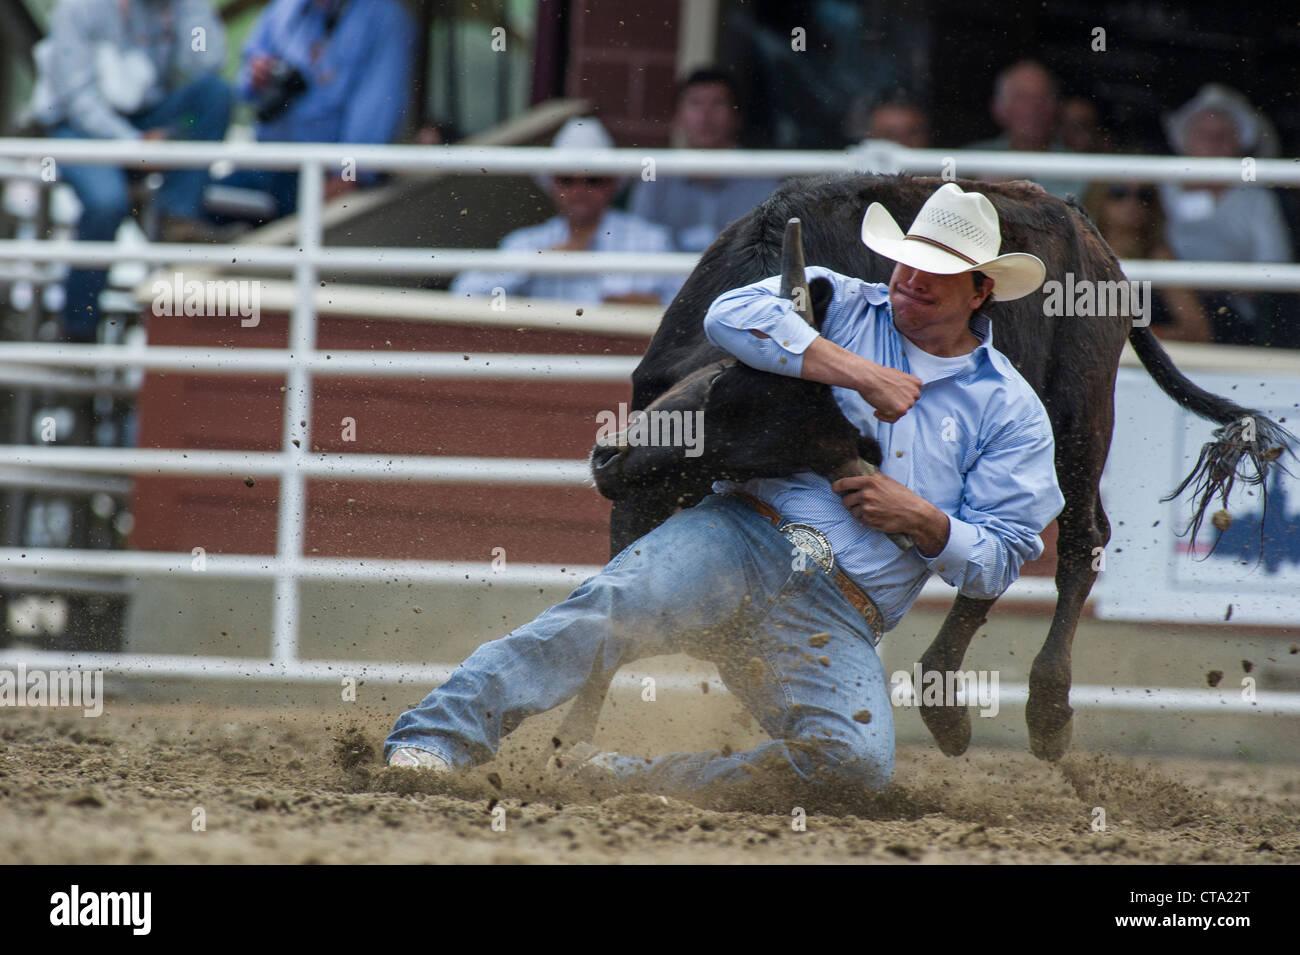 Sterzare il lottatore a Calgary Stampede Rodeo Immagini Stock